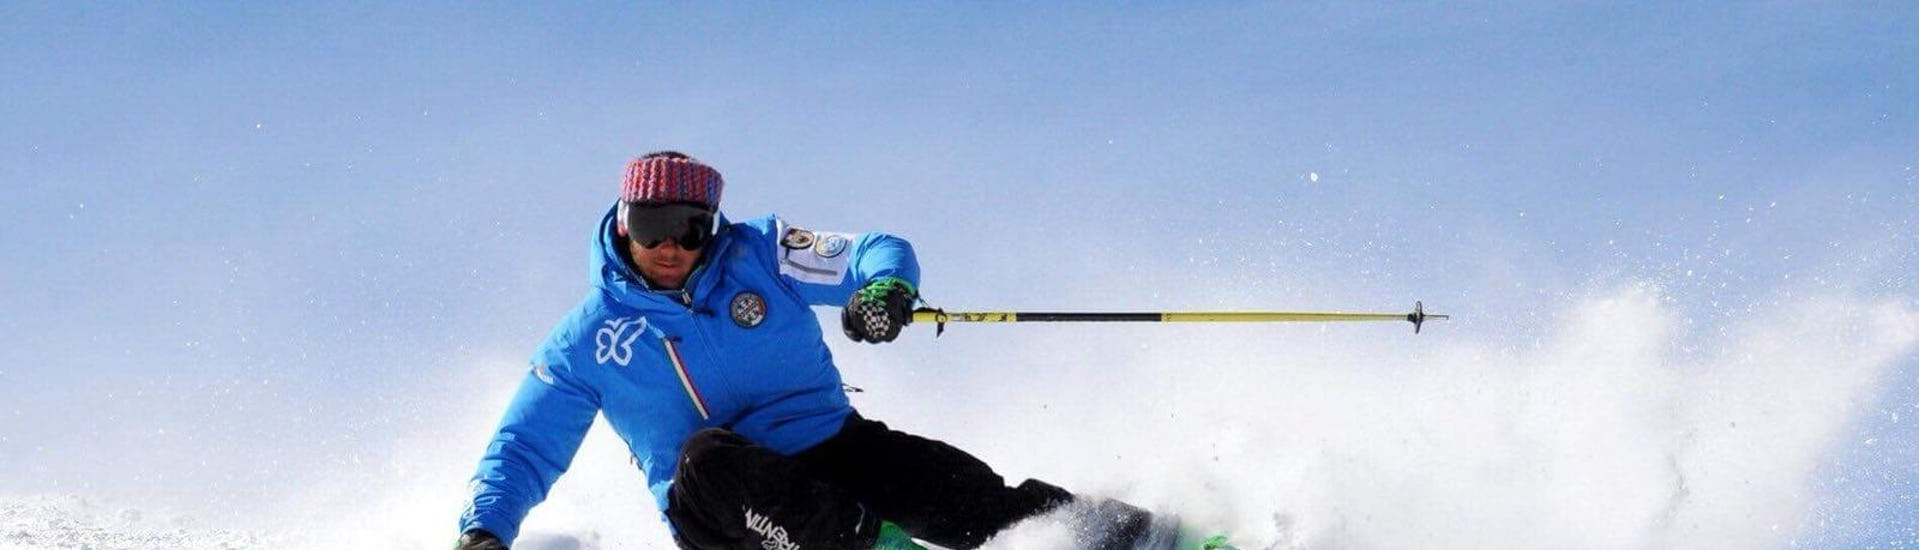 Privater Skikurs für Erwachsene - Alle Levels der Scuola Italiana Sci Azzurra Folgarida finden statt, während der Skilehrer die Übung vorführt.